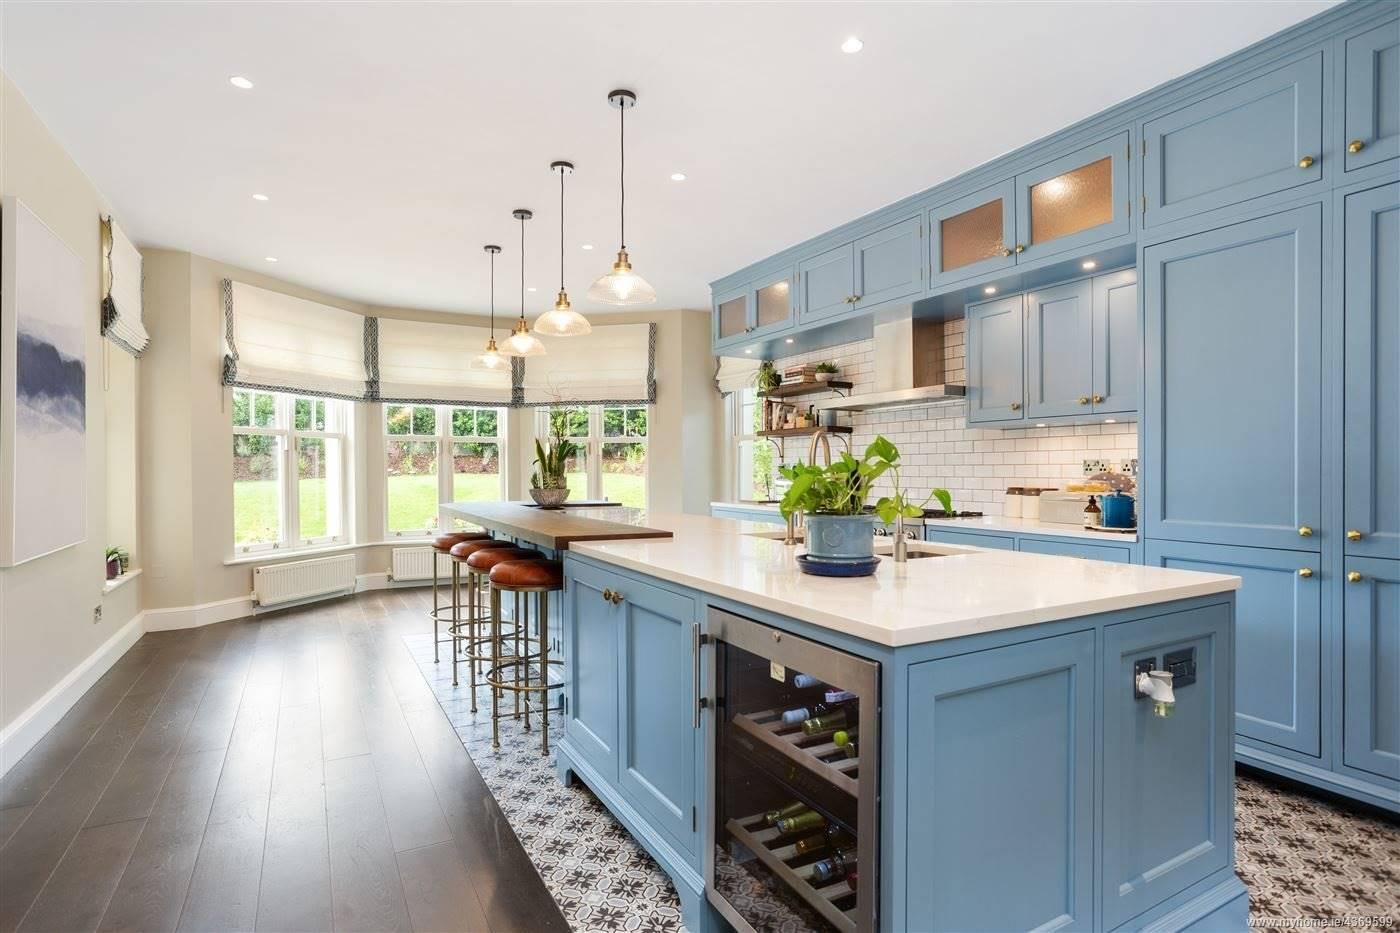 Cocina con isla de la casa de Saoirse Ronan de Mujercitas. La cocina azul con isla de Saoirse Ronan